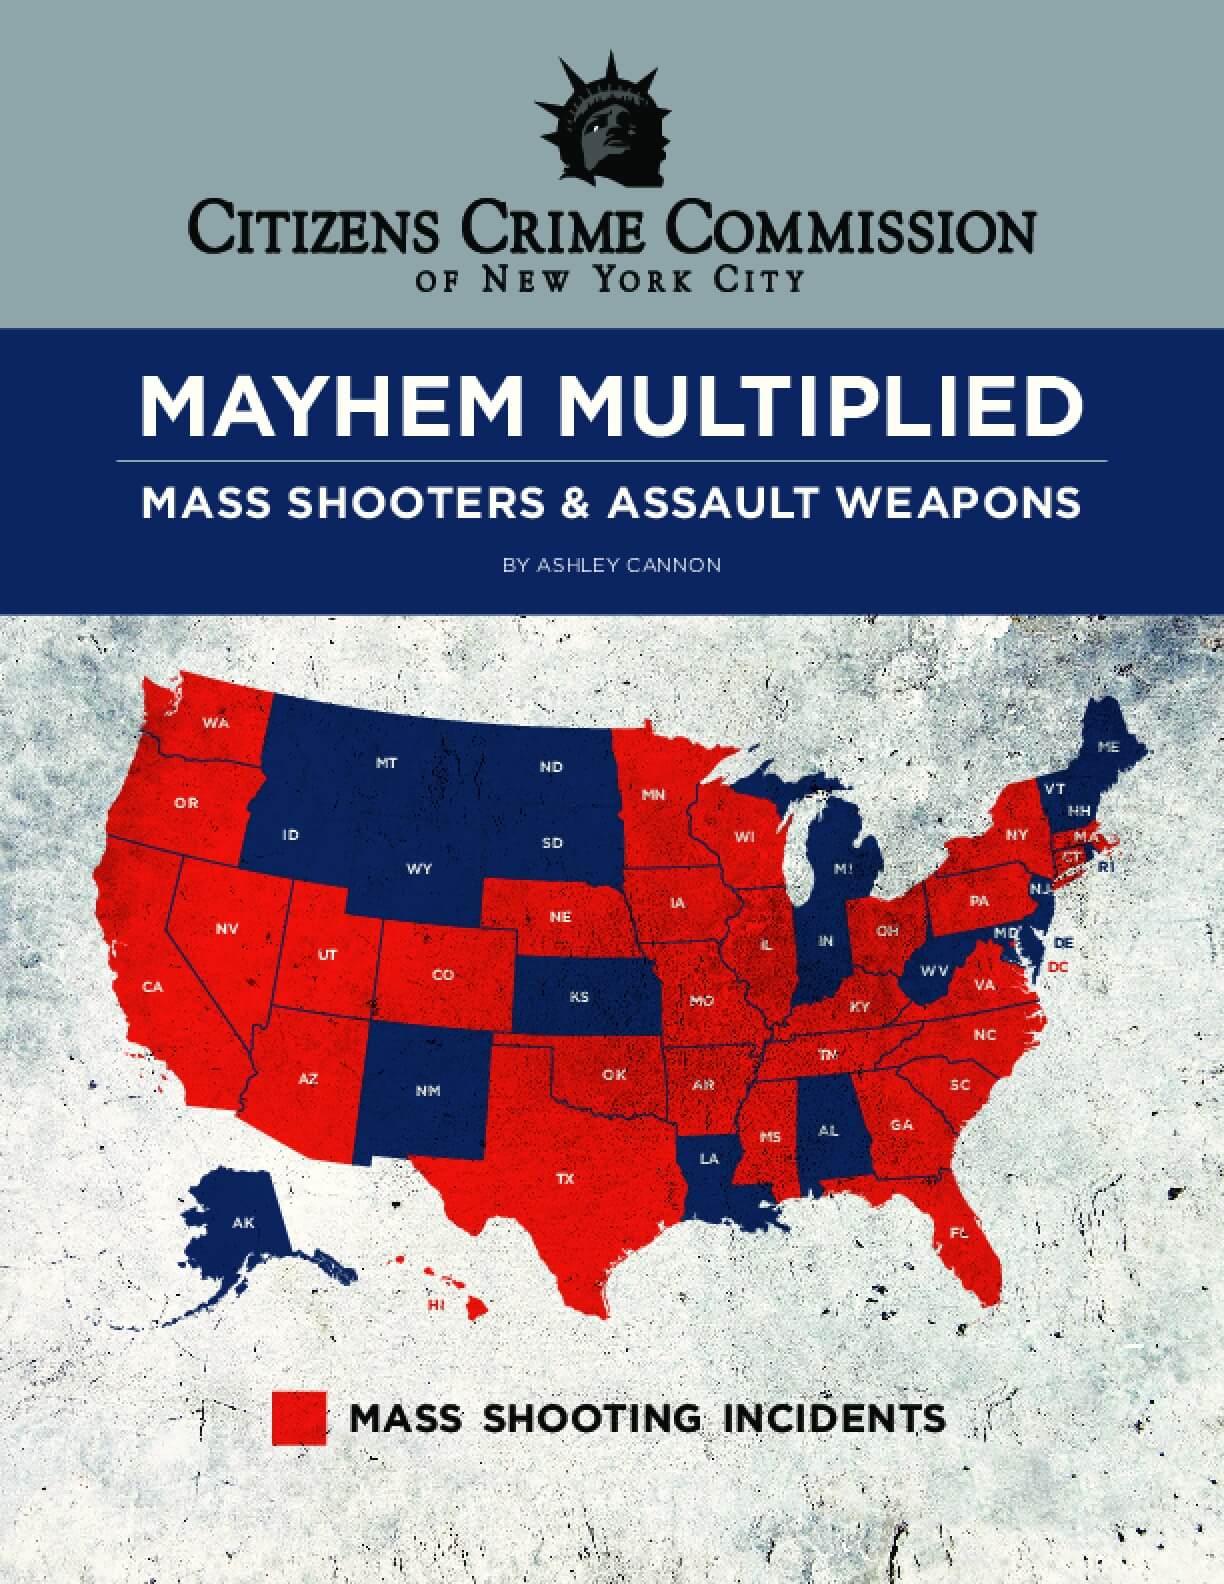 Mayhem Multiplied: Mass Shooters & Assault Weapons